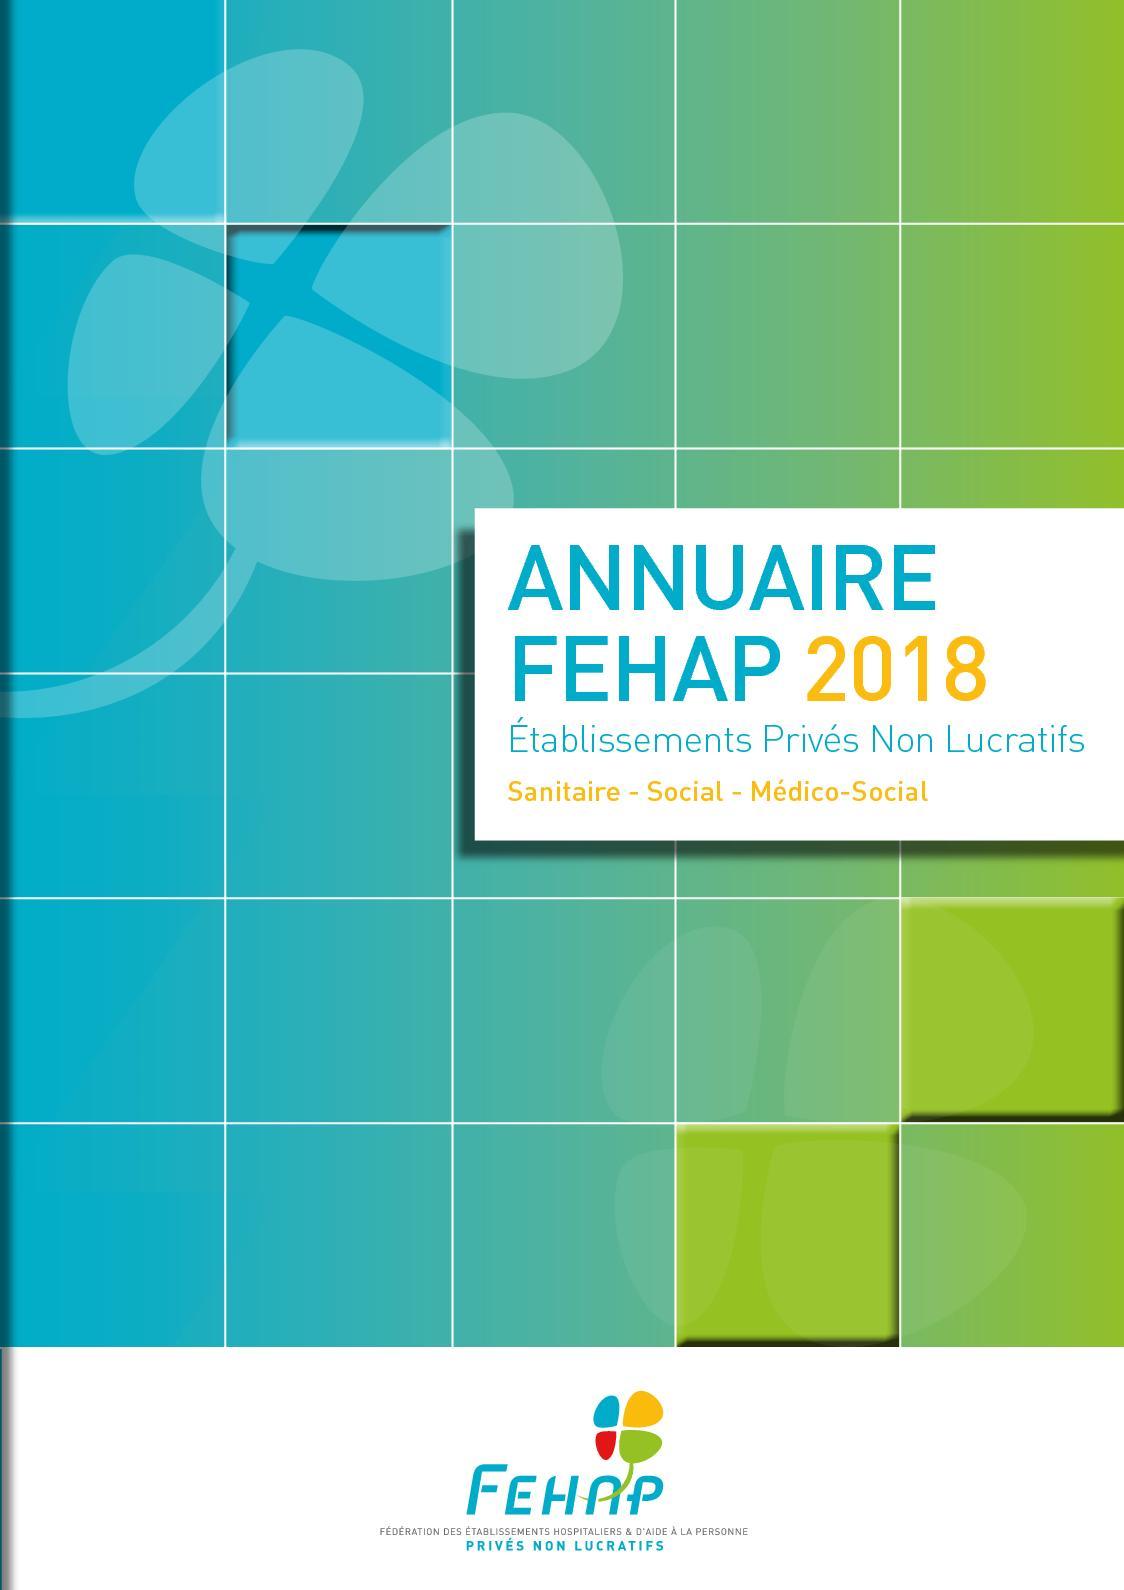 Calameo Annuaire Fehap 2018